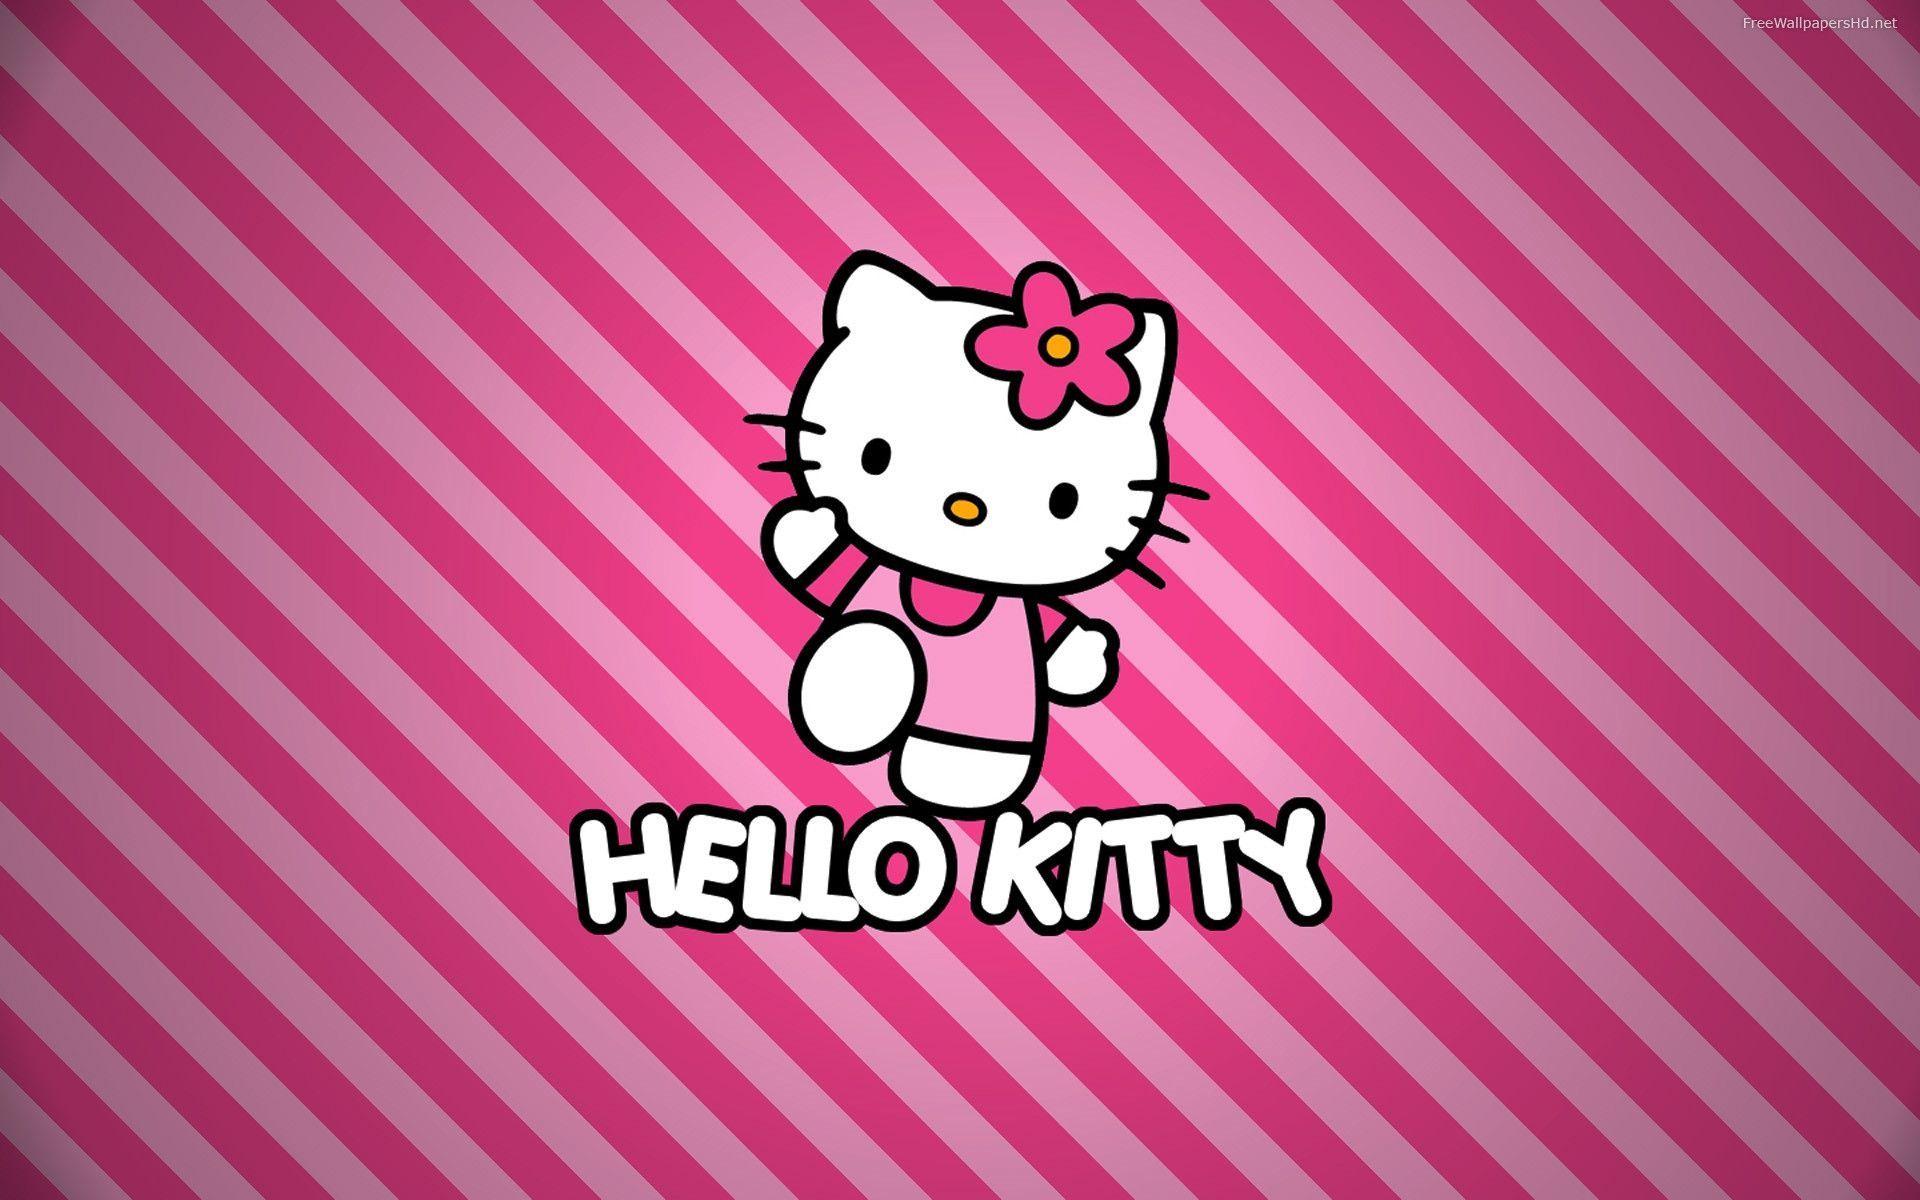 Best hello kitty wallpaper ideas on pinterest hello kitty best hello kitty wallpaper ideas on pinterest hello kitty voltagebd Images